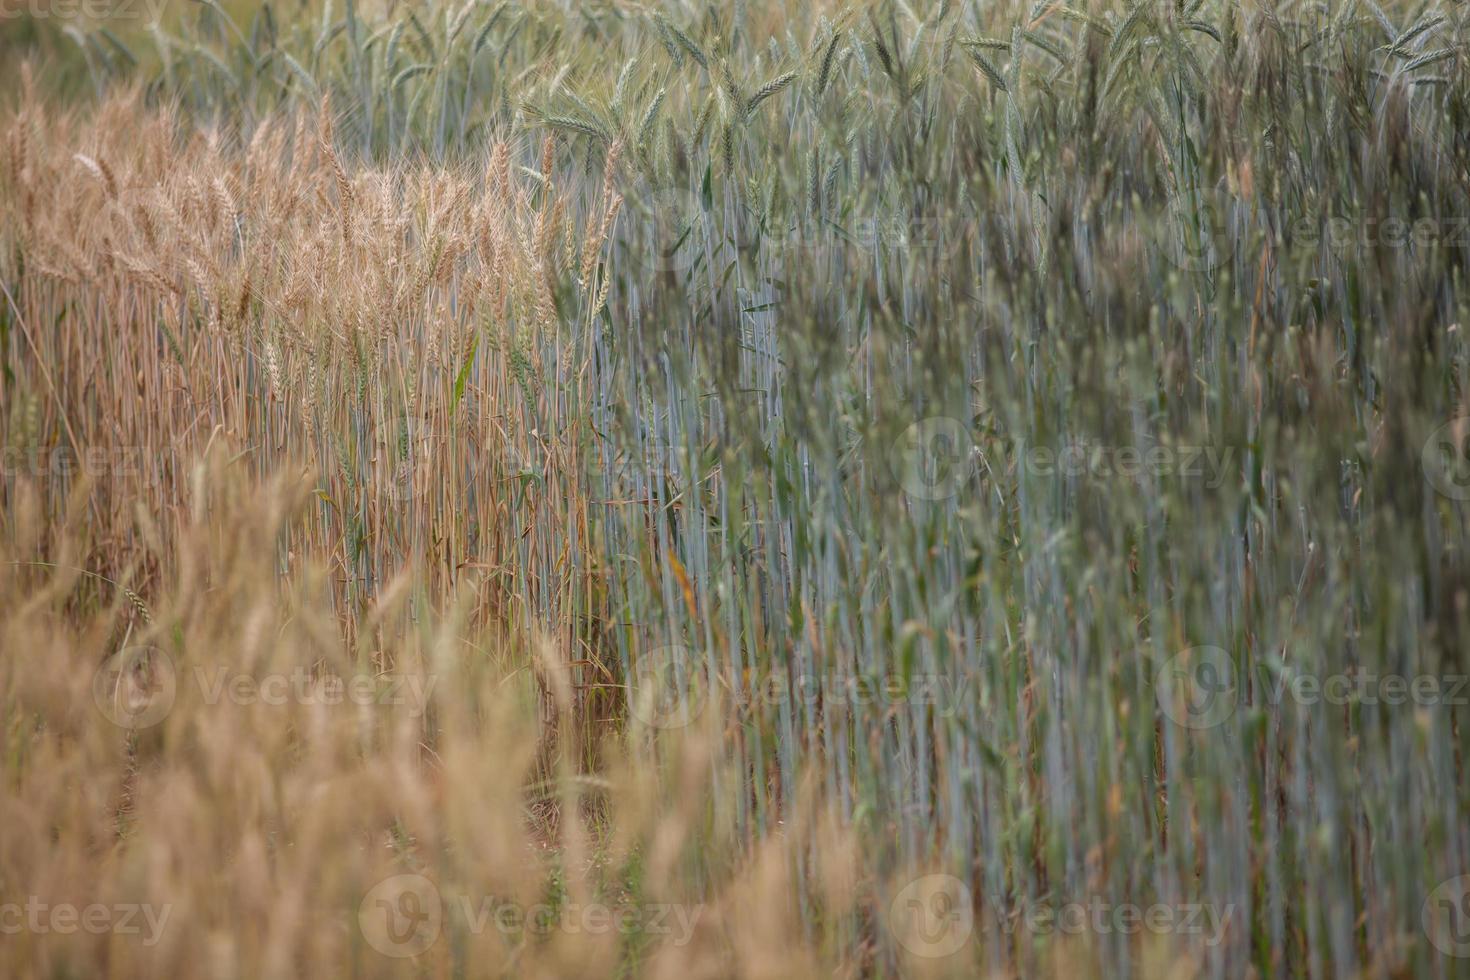 cebada creciendo en un campo foto